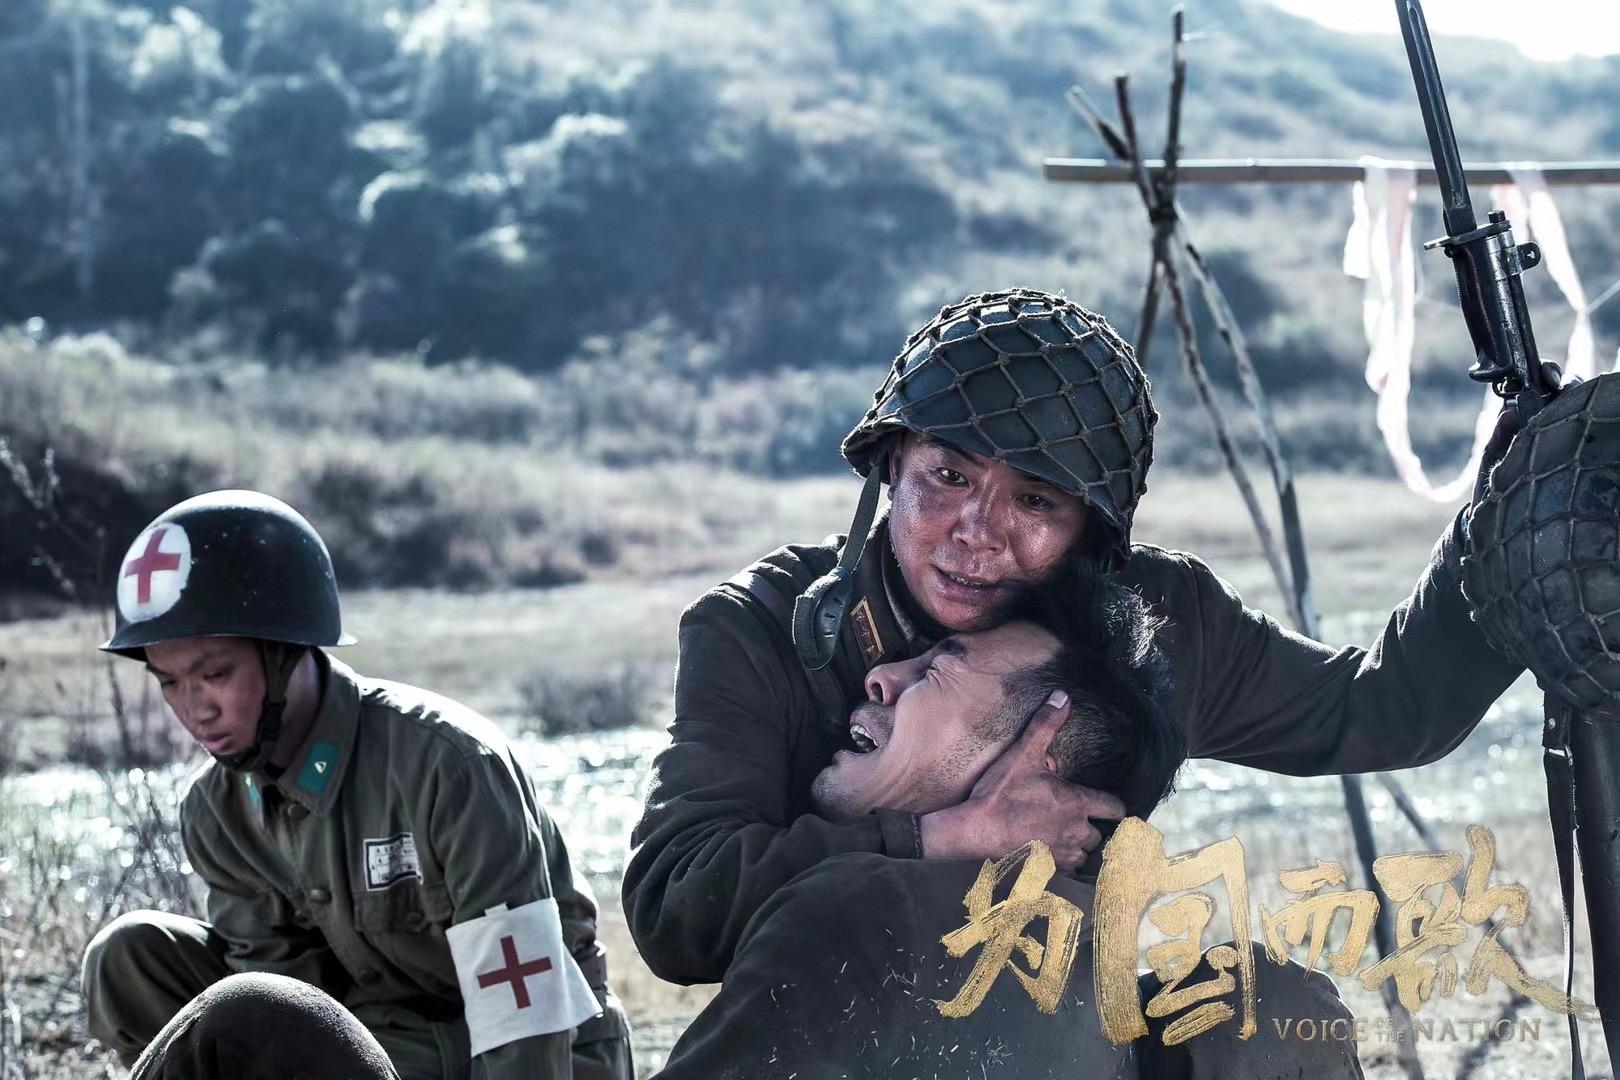 《为国而歌》定档6.18 白红标饰演岩大喜诠释小人物大情怀